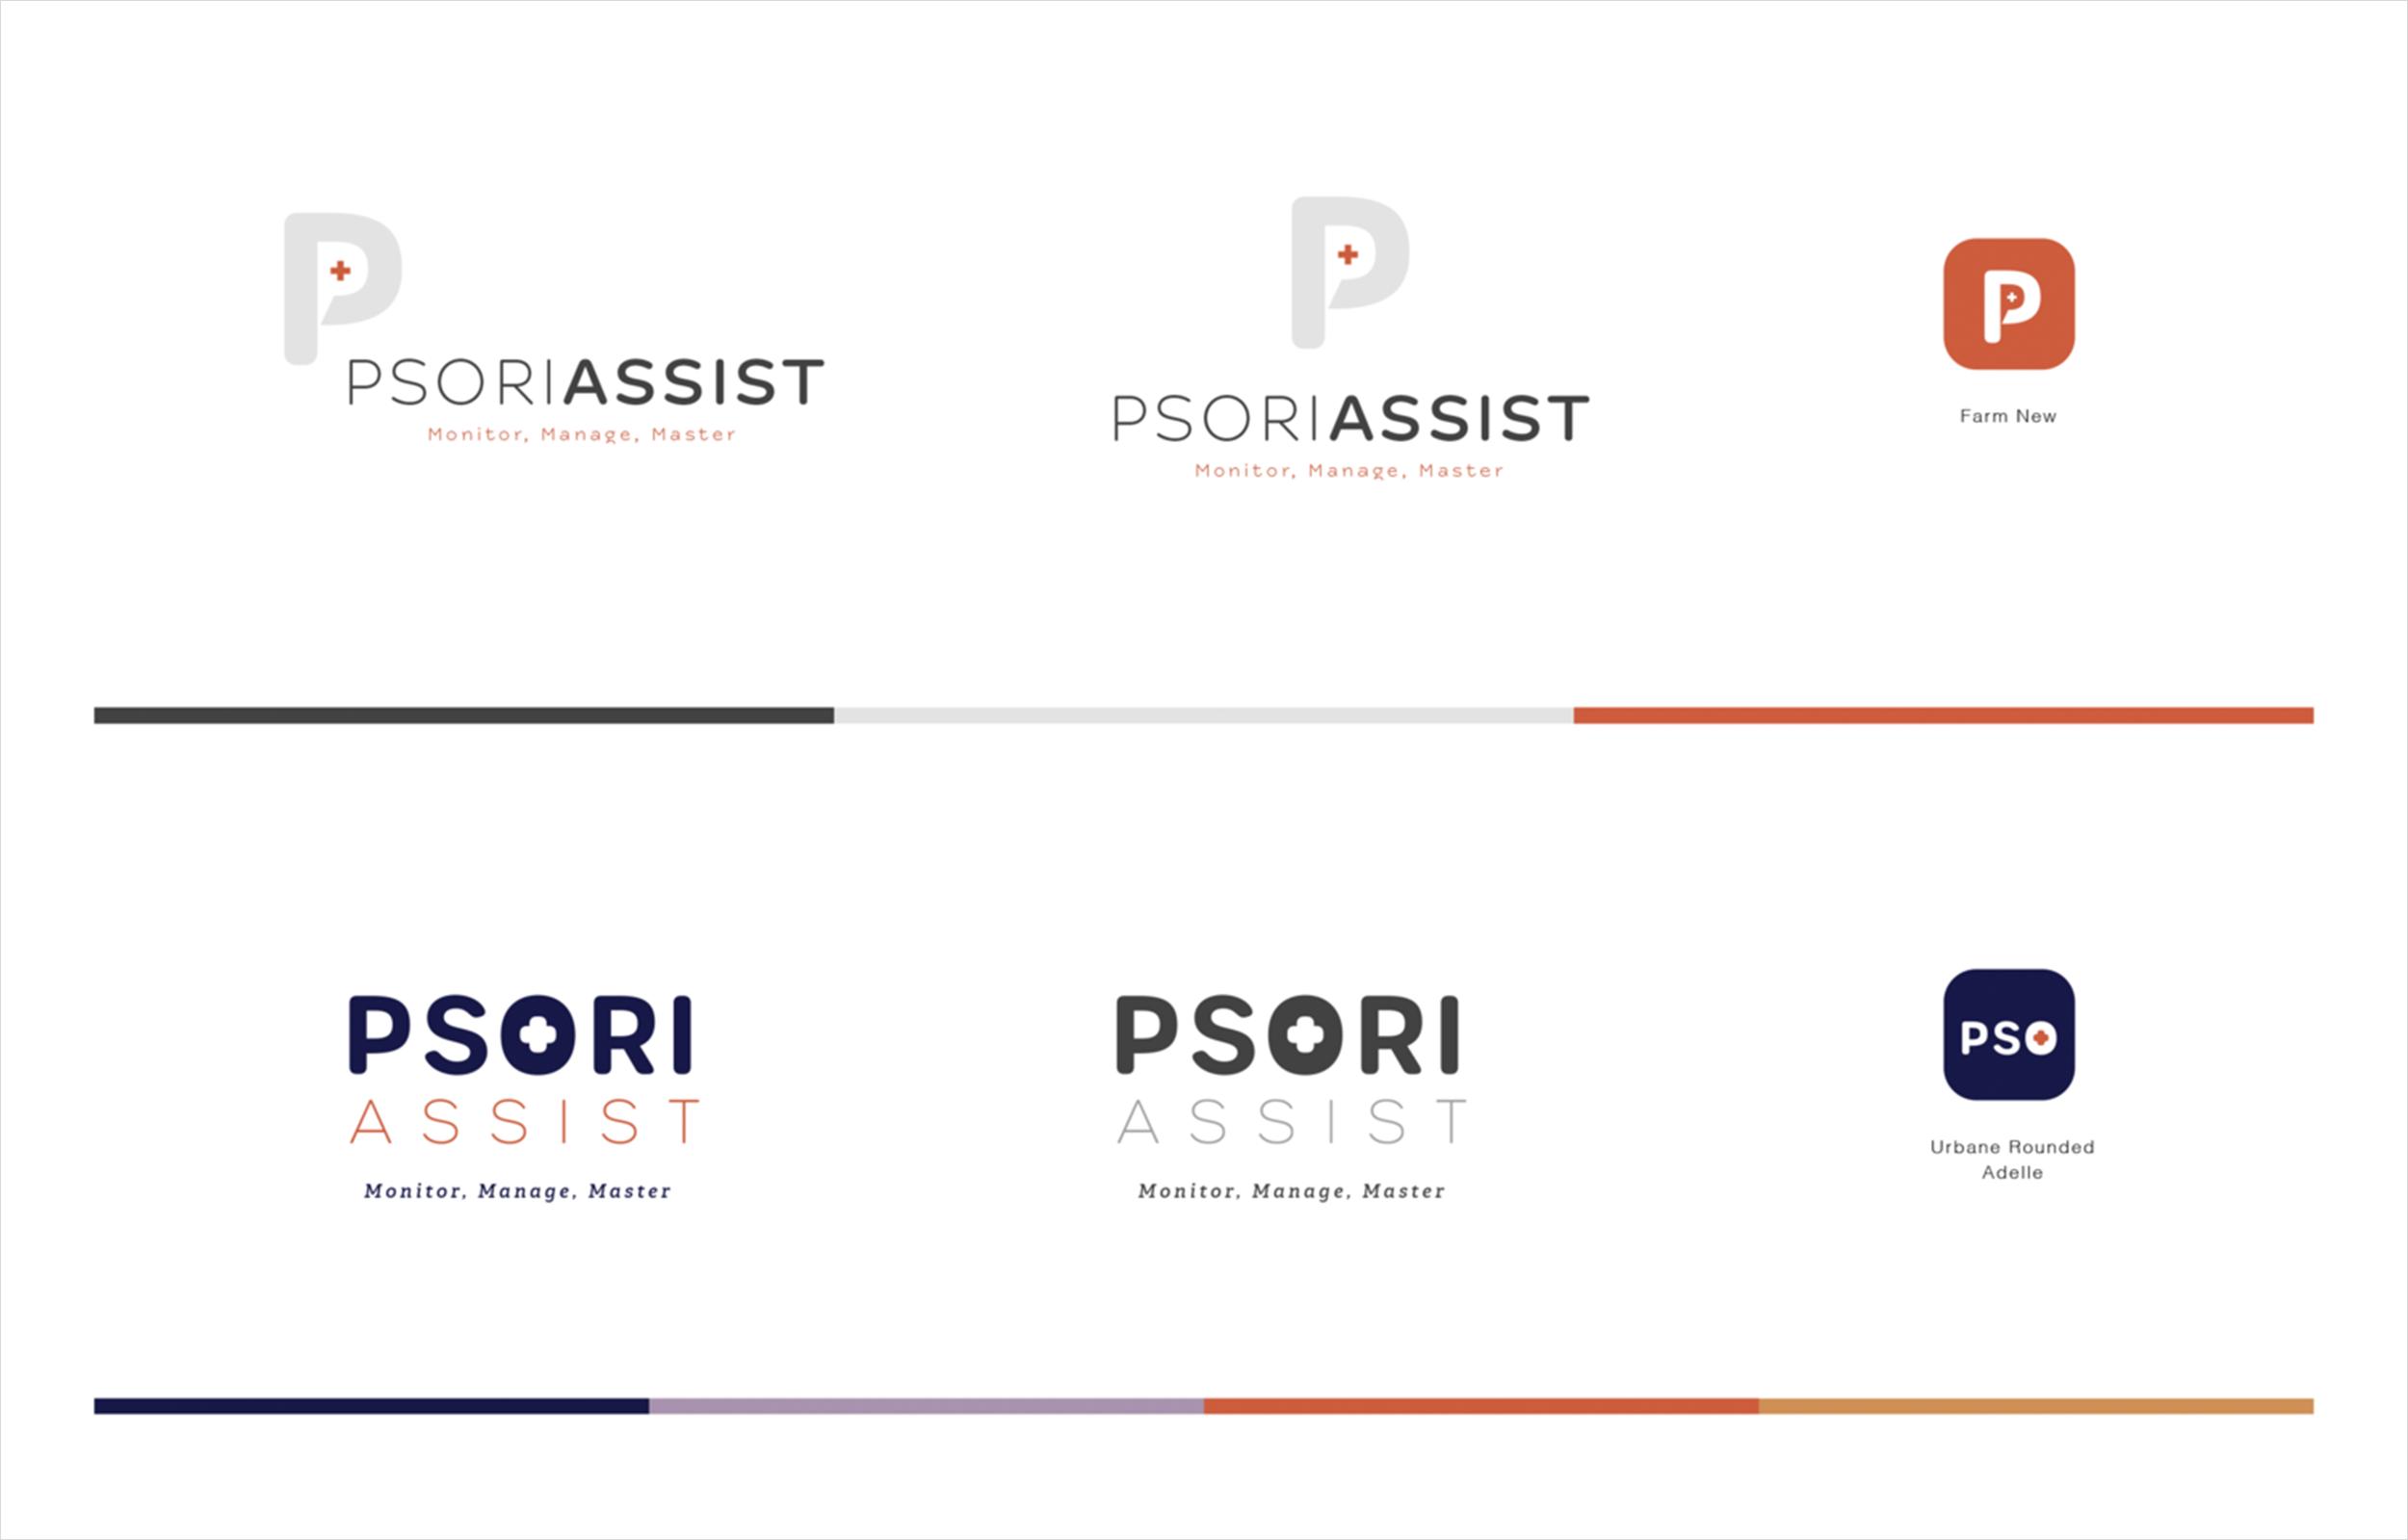 Psoriassist_logos1.png